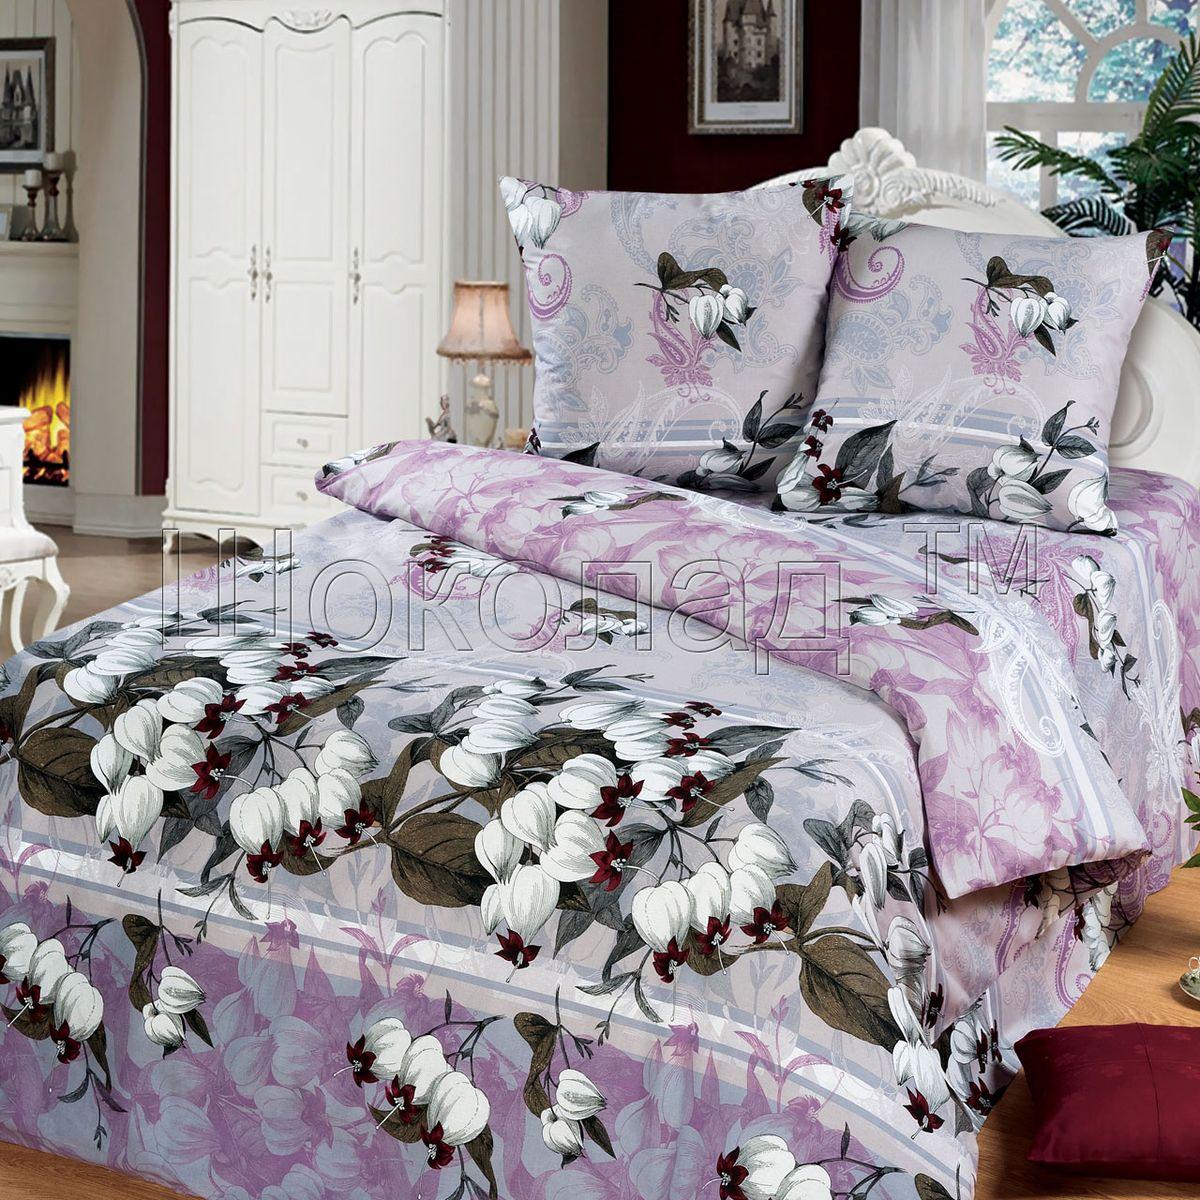 Комплект белья Шоколад Анита, 2-спальный с простыней евро, наволочки 70x70. Б109Б109